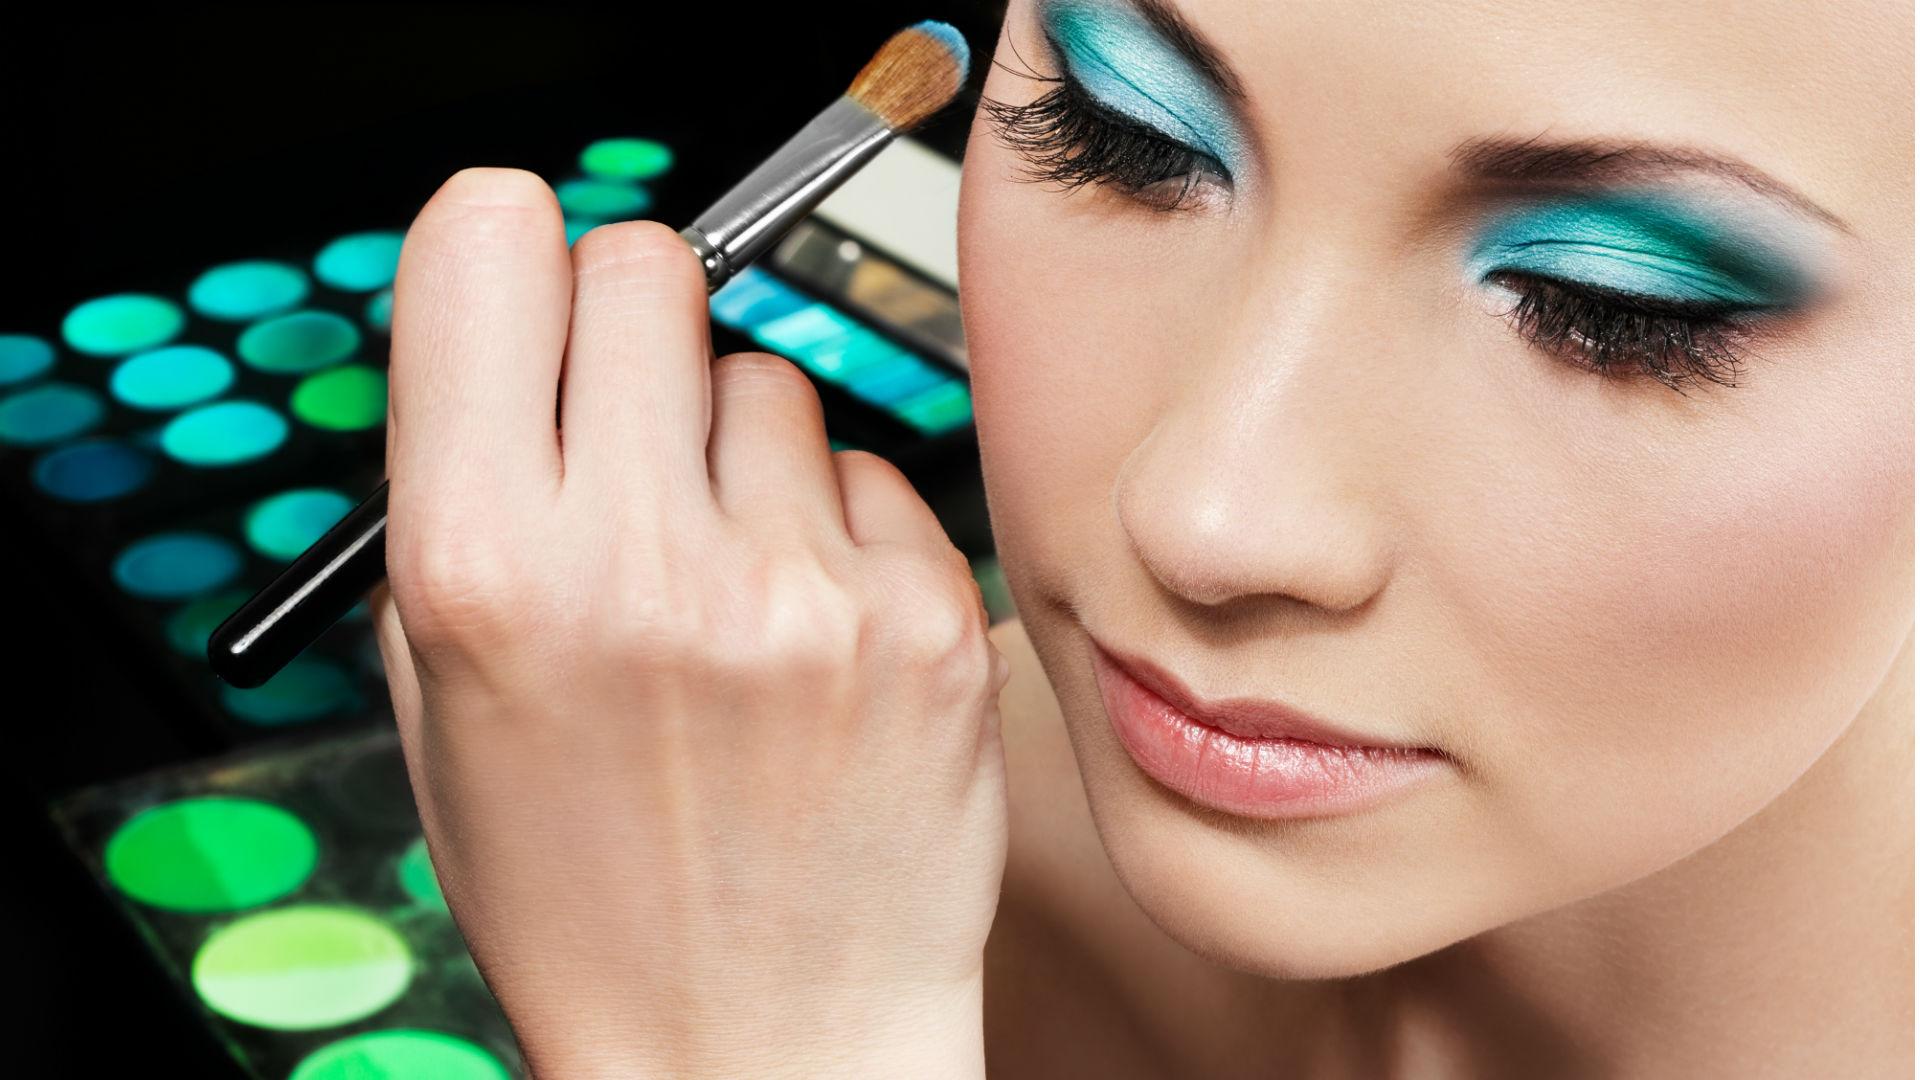 El mercado cosmético